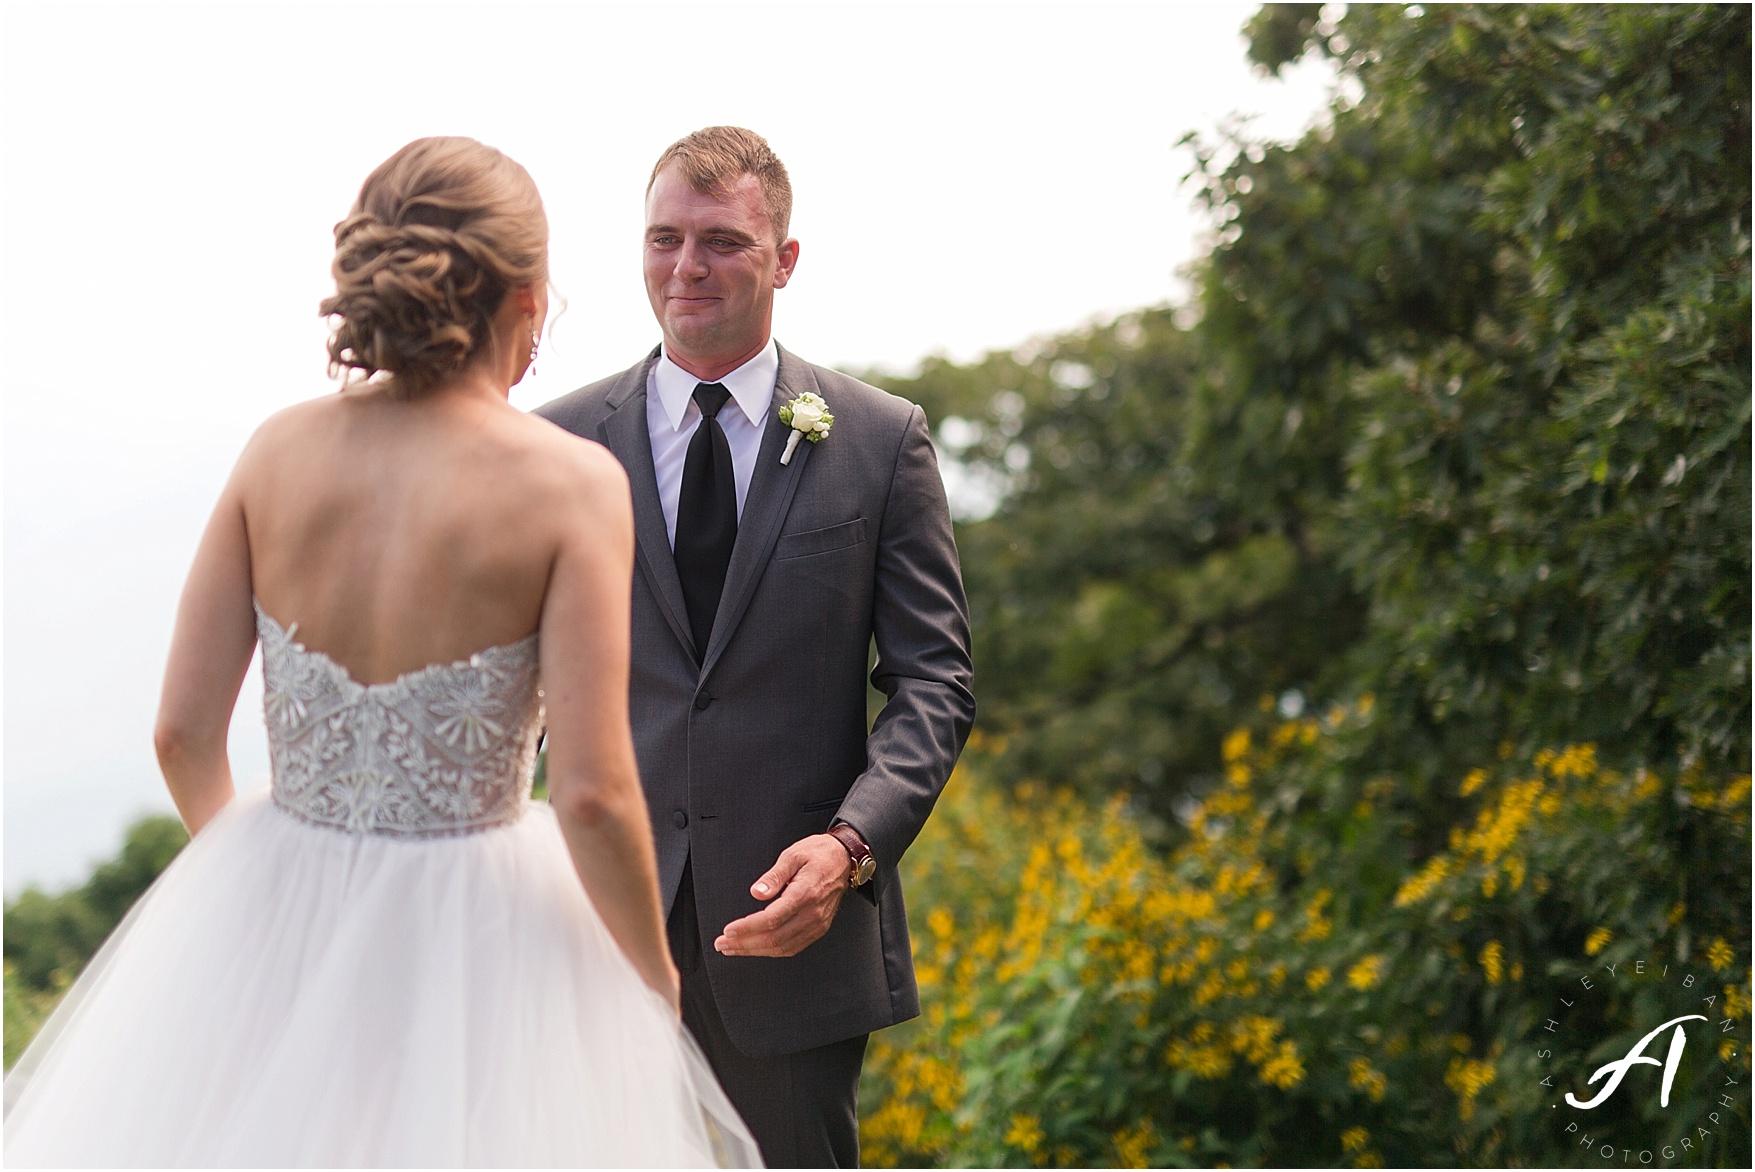 Wintergreen Resort Wedding || Elegant gray and green summer wedding || Ashley Eiban Photography || www.ashleyeiban.com